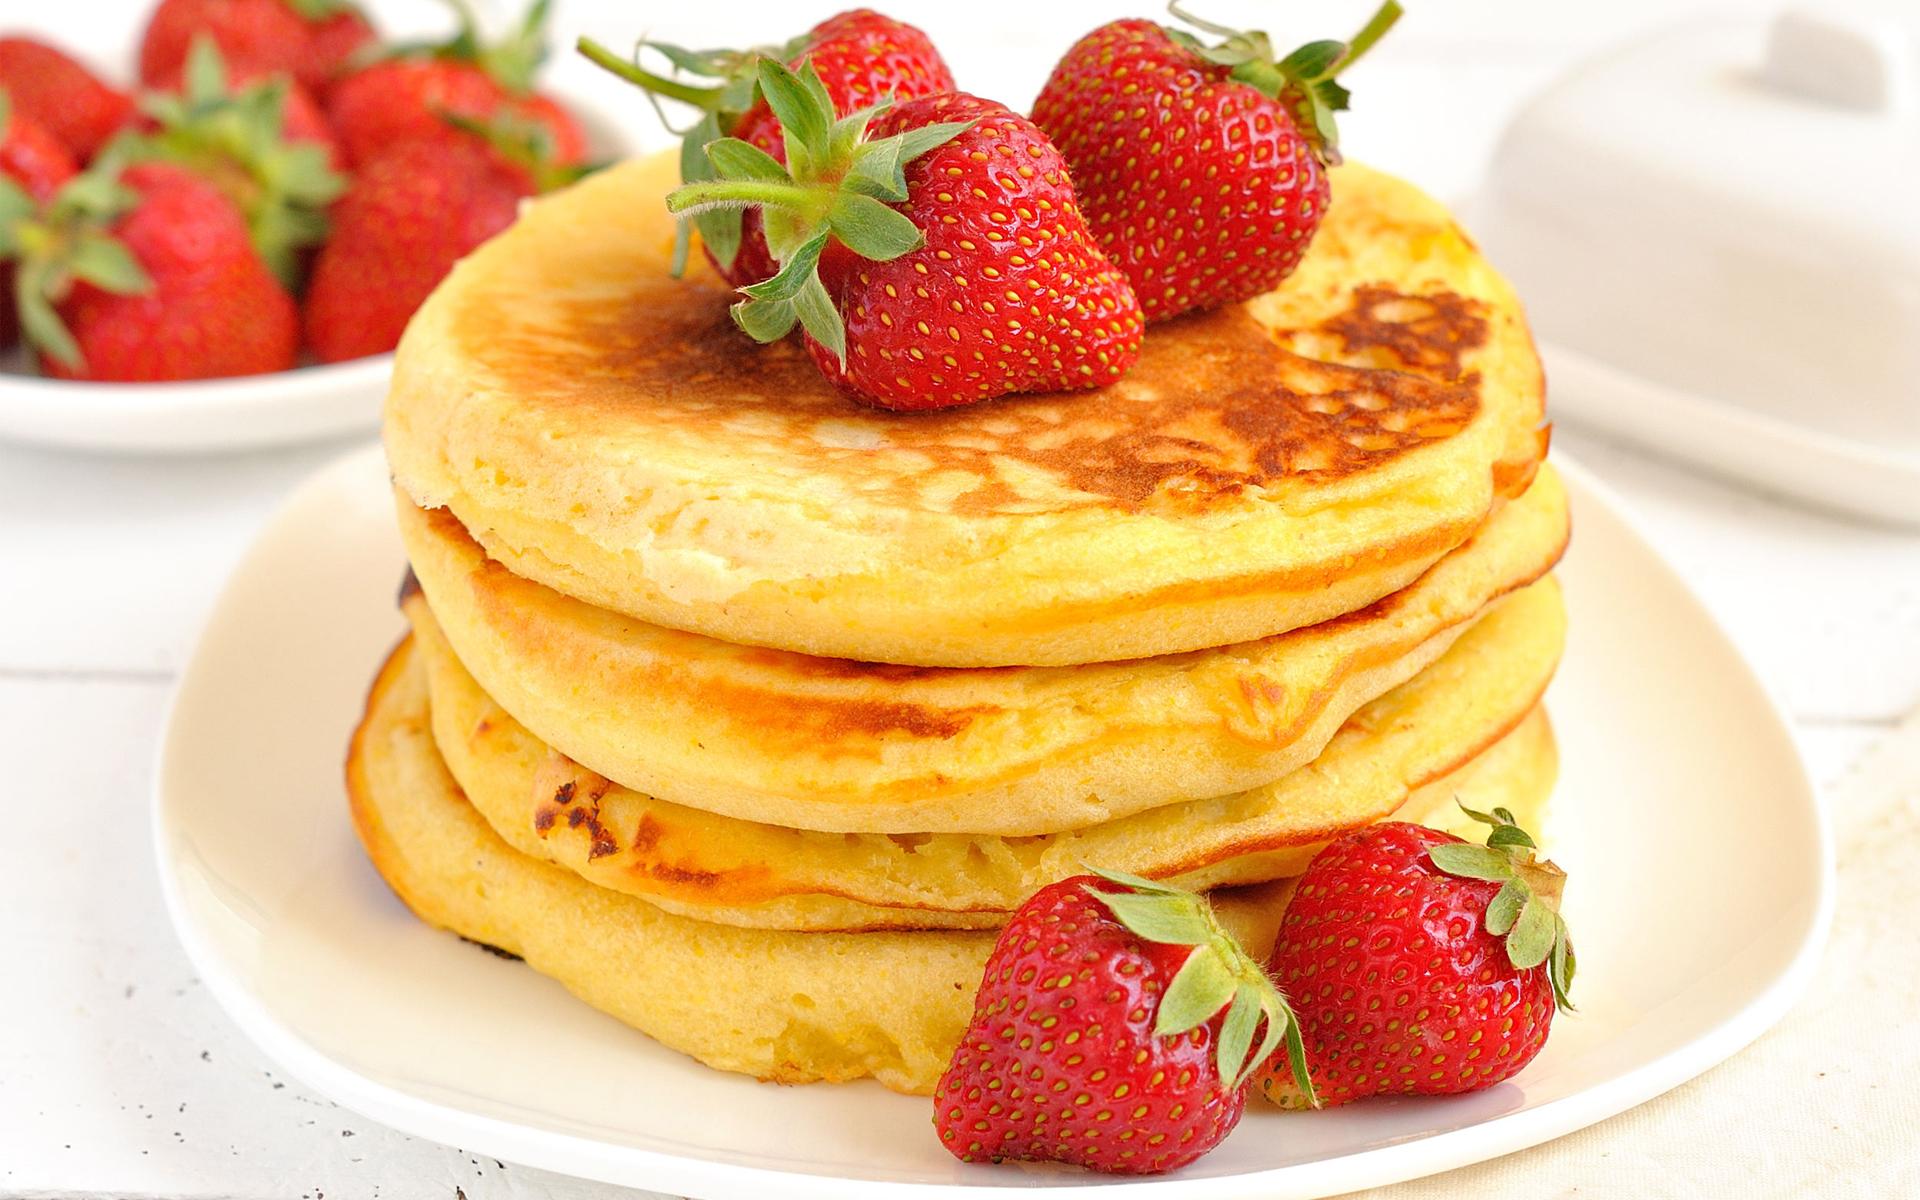 Pancakes Desktop Wallpaper 49919 1920x1200px 1920x1200